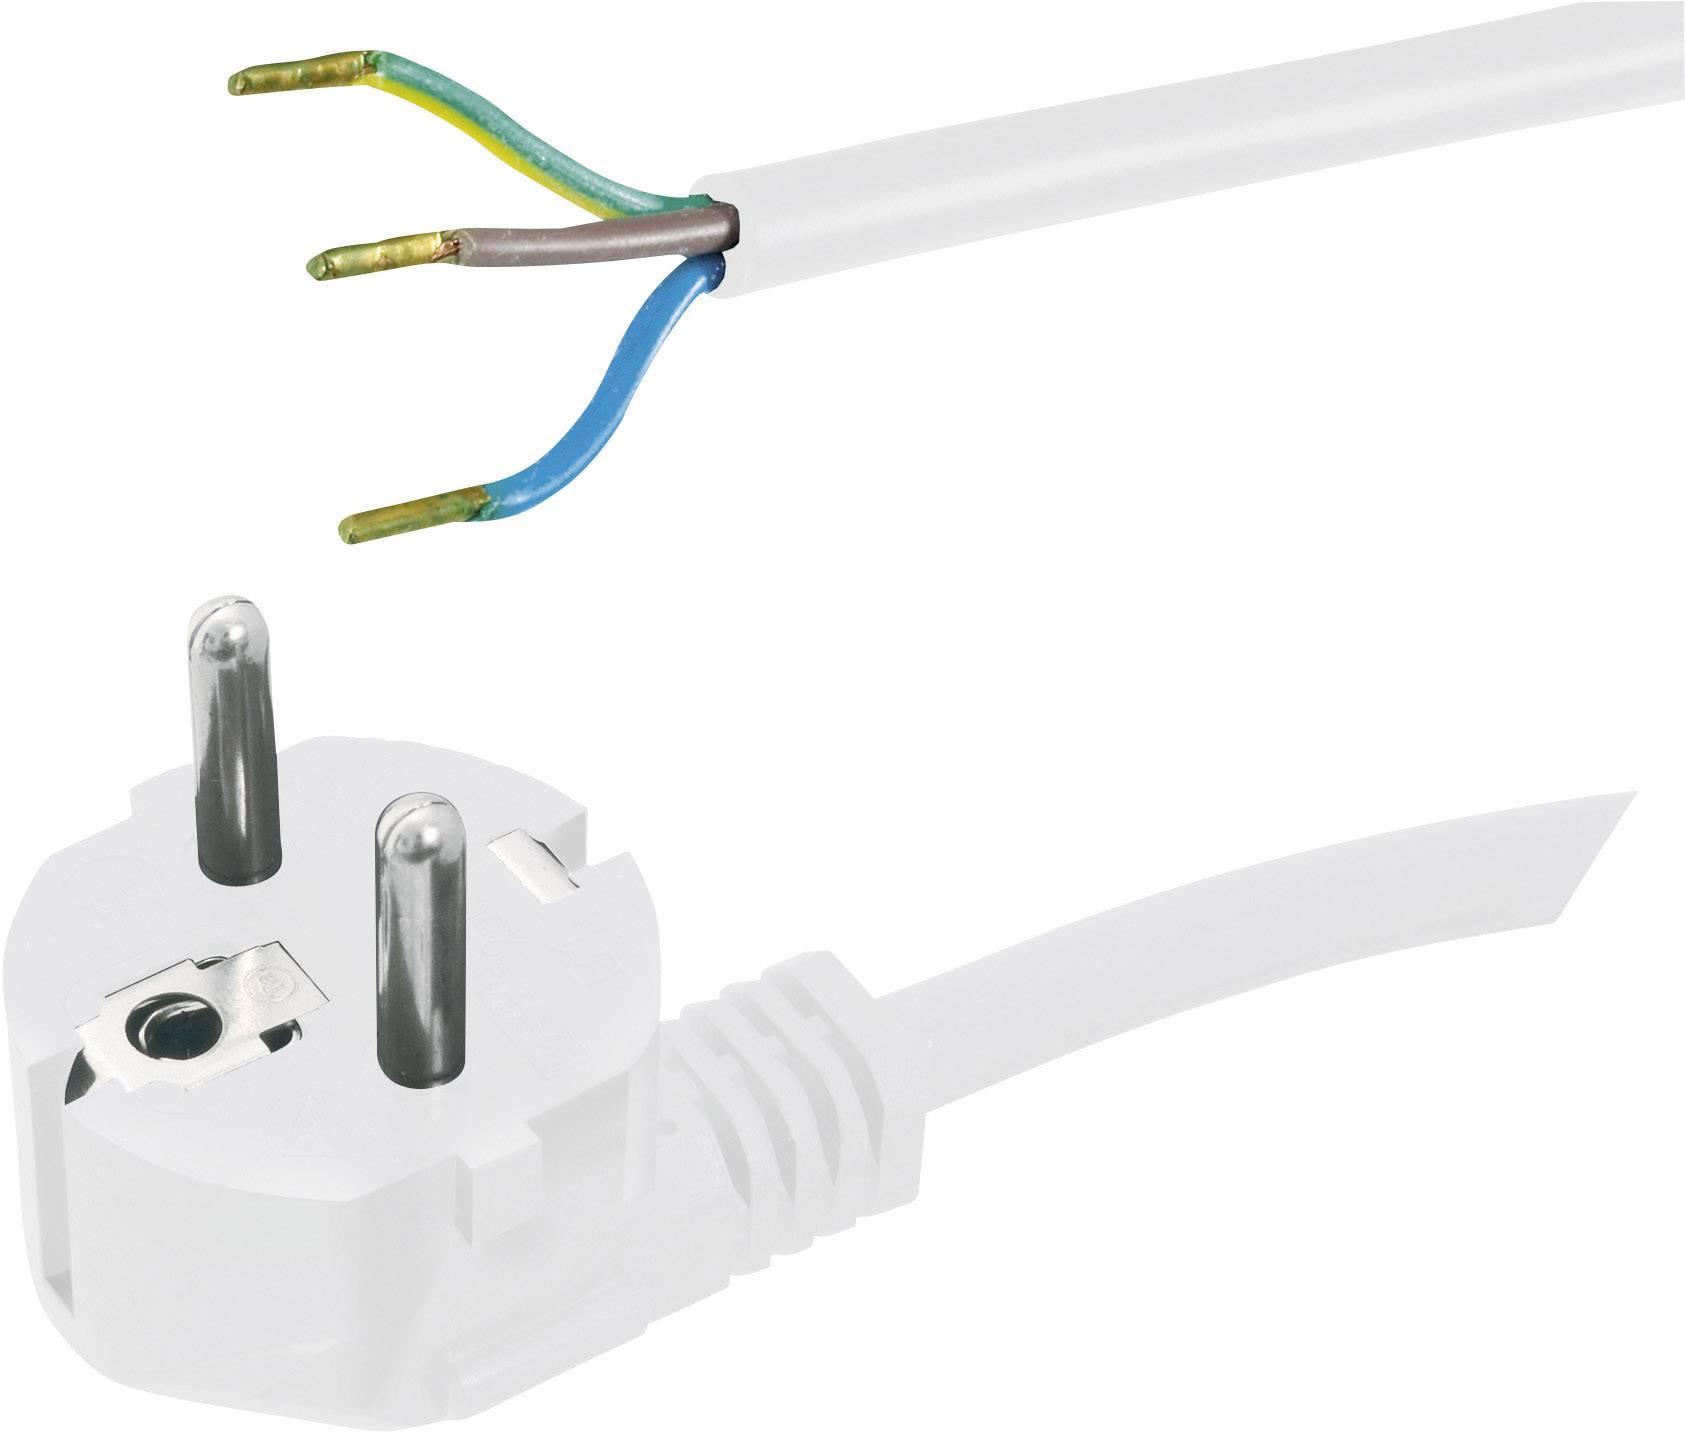 Síťový kabel Hawa, zástrčka/otevřený konec, 1,5 mm², 5 m, bílá, 1008227